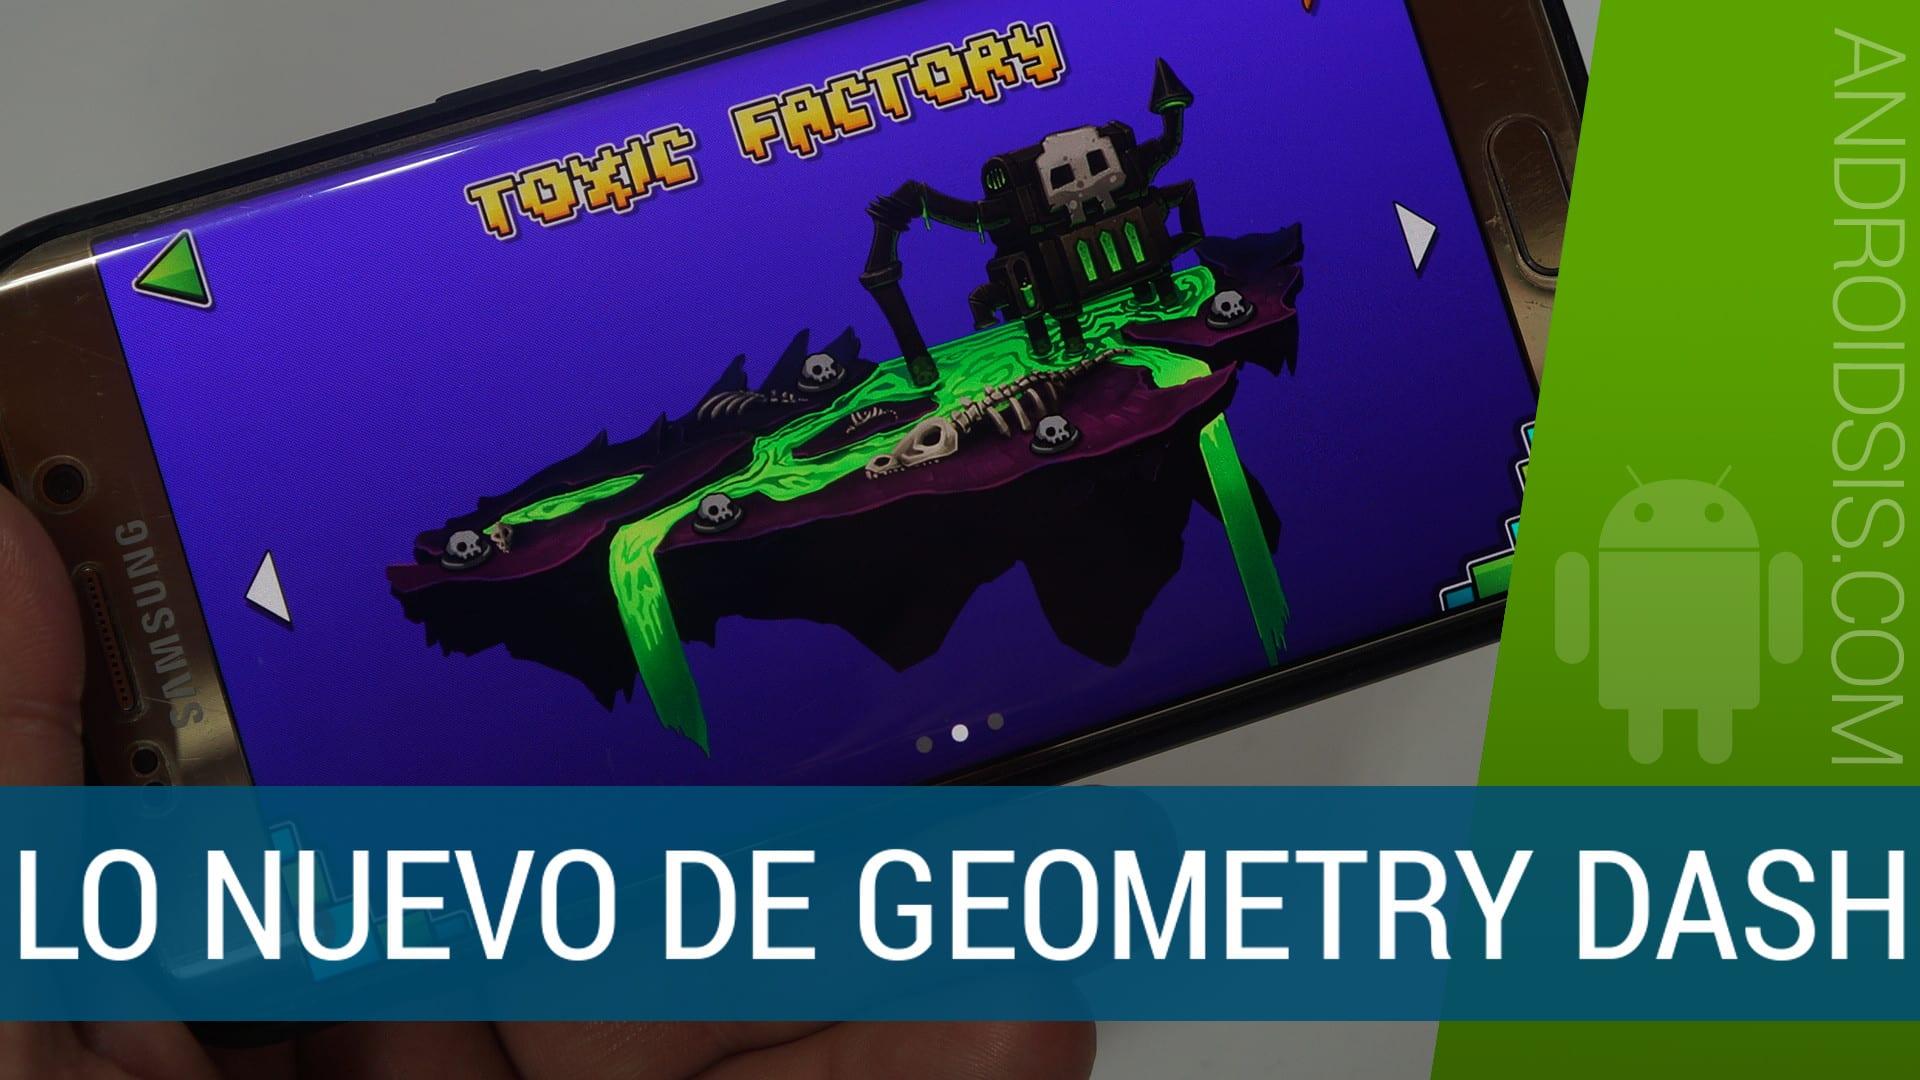 Jugamos a lo más nuevo de Geometry Dash, Geometry Dash World y Geometry Dash Meltdown